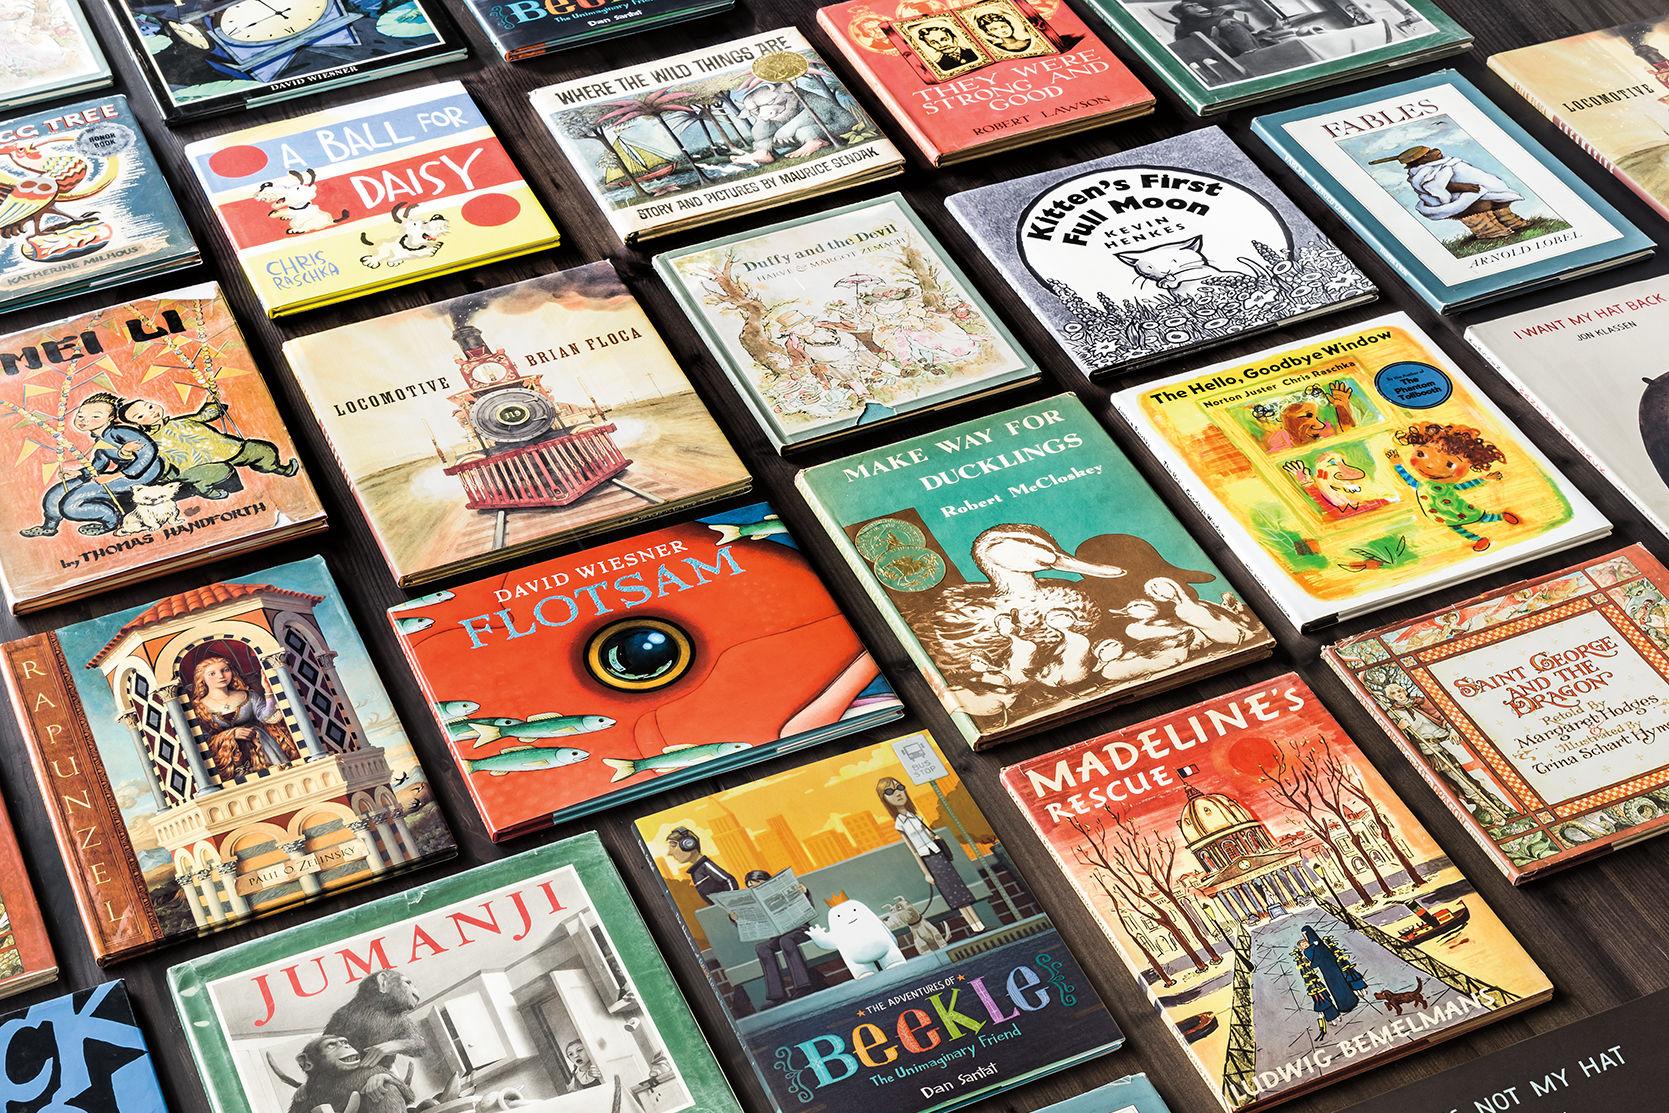 Fg vintage books 1 cb16 comp duztv3